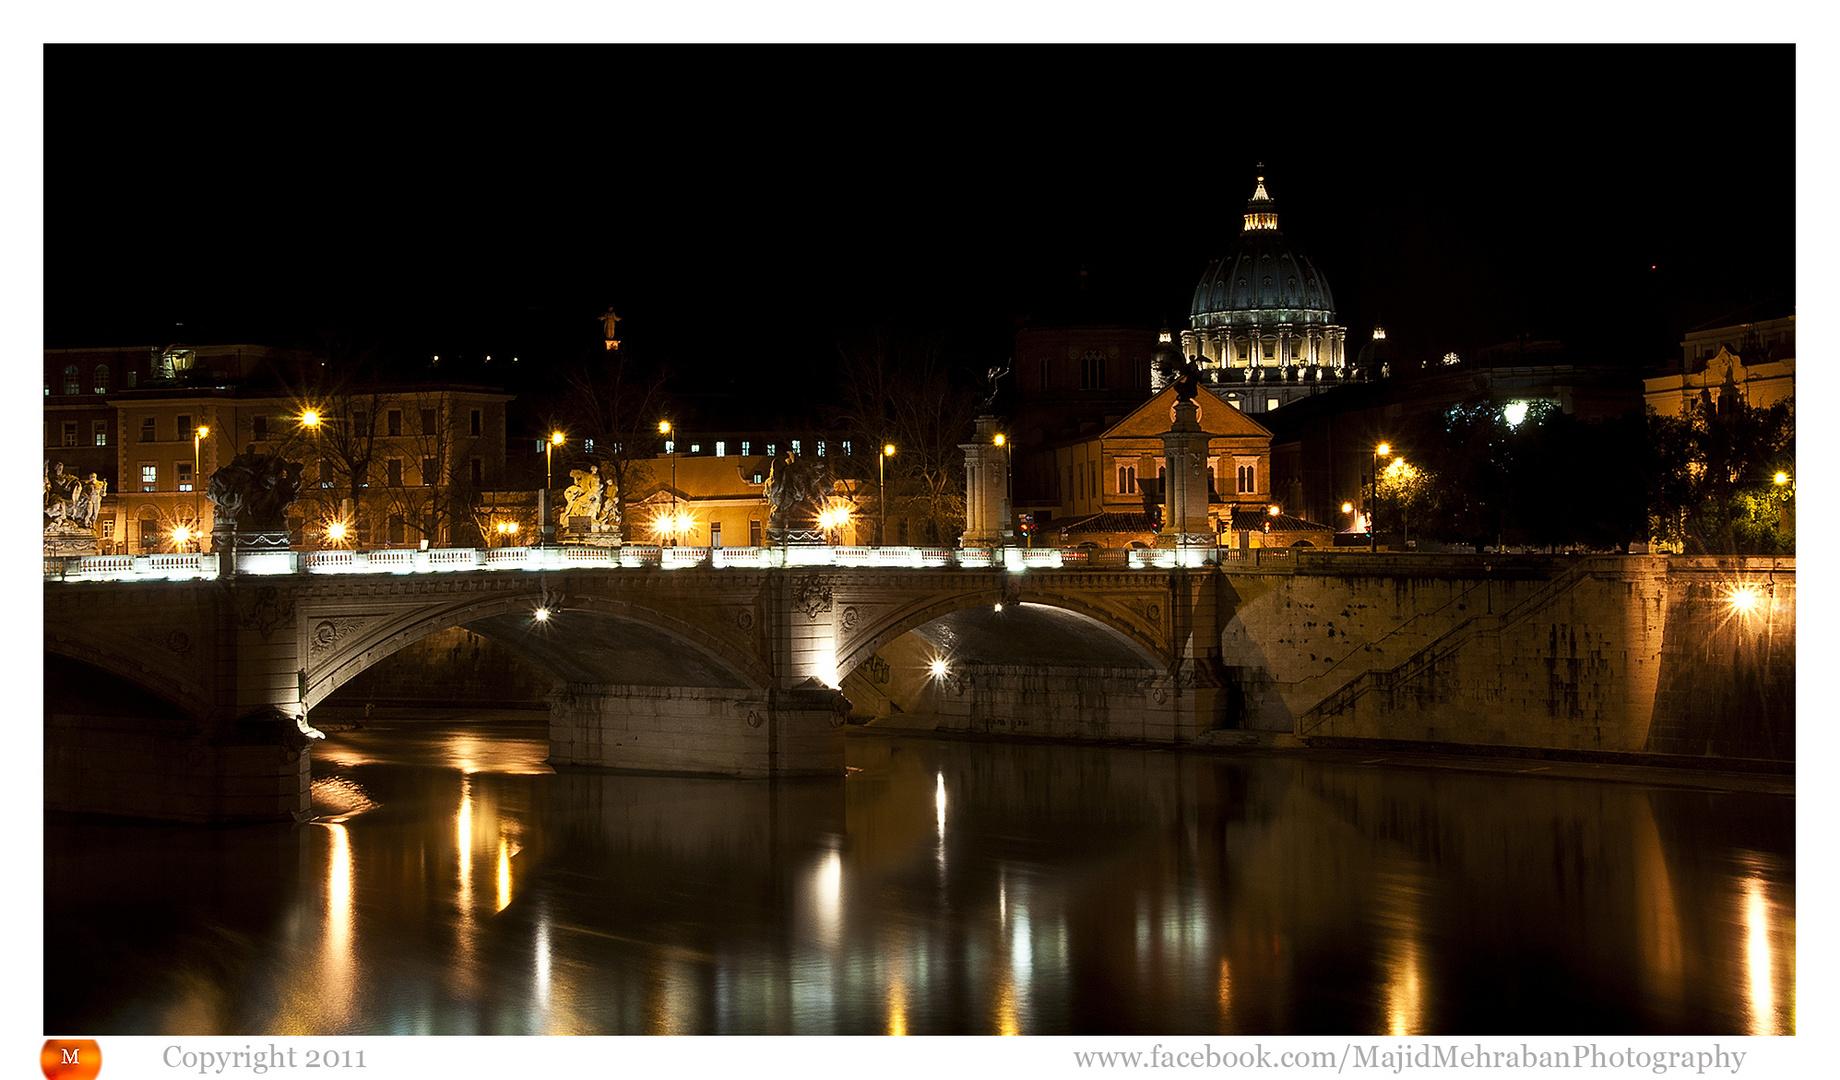 Saint Pietro @ night